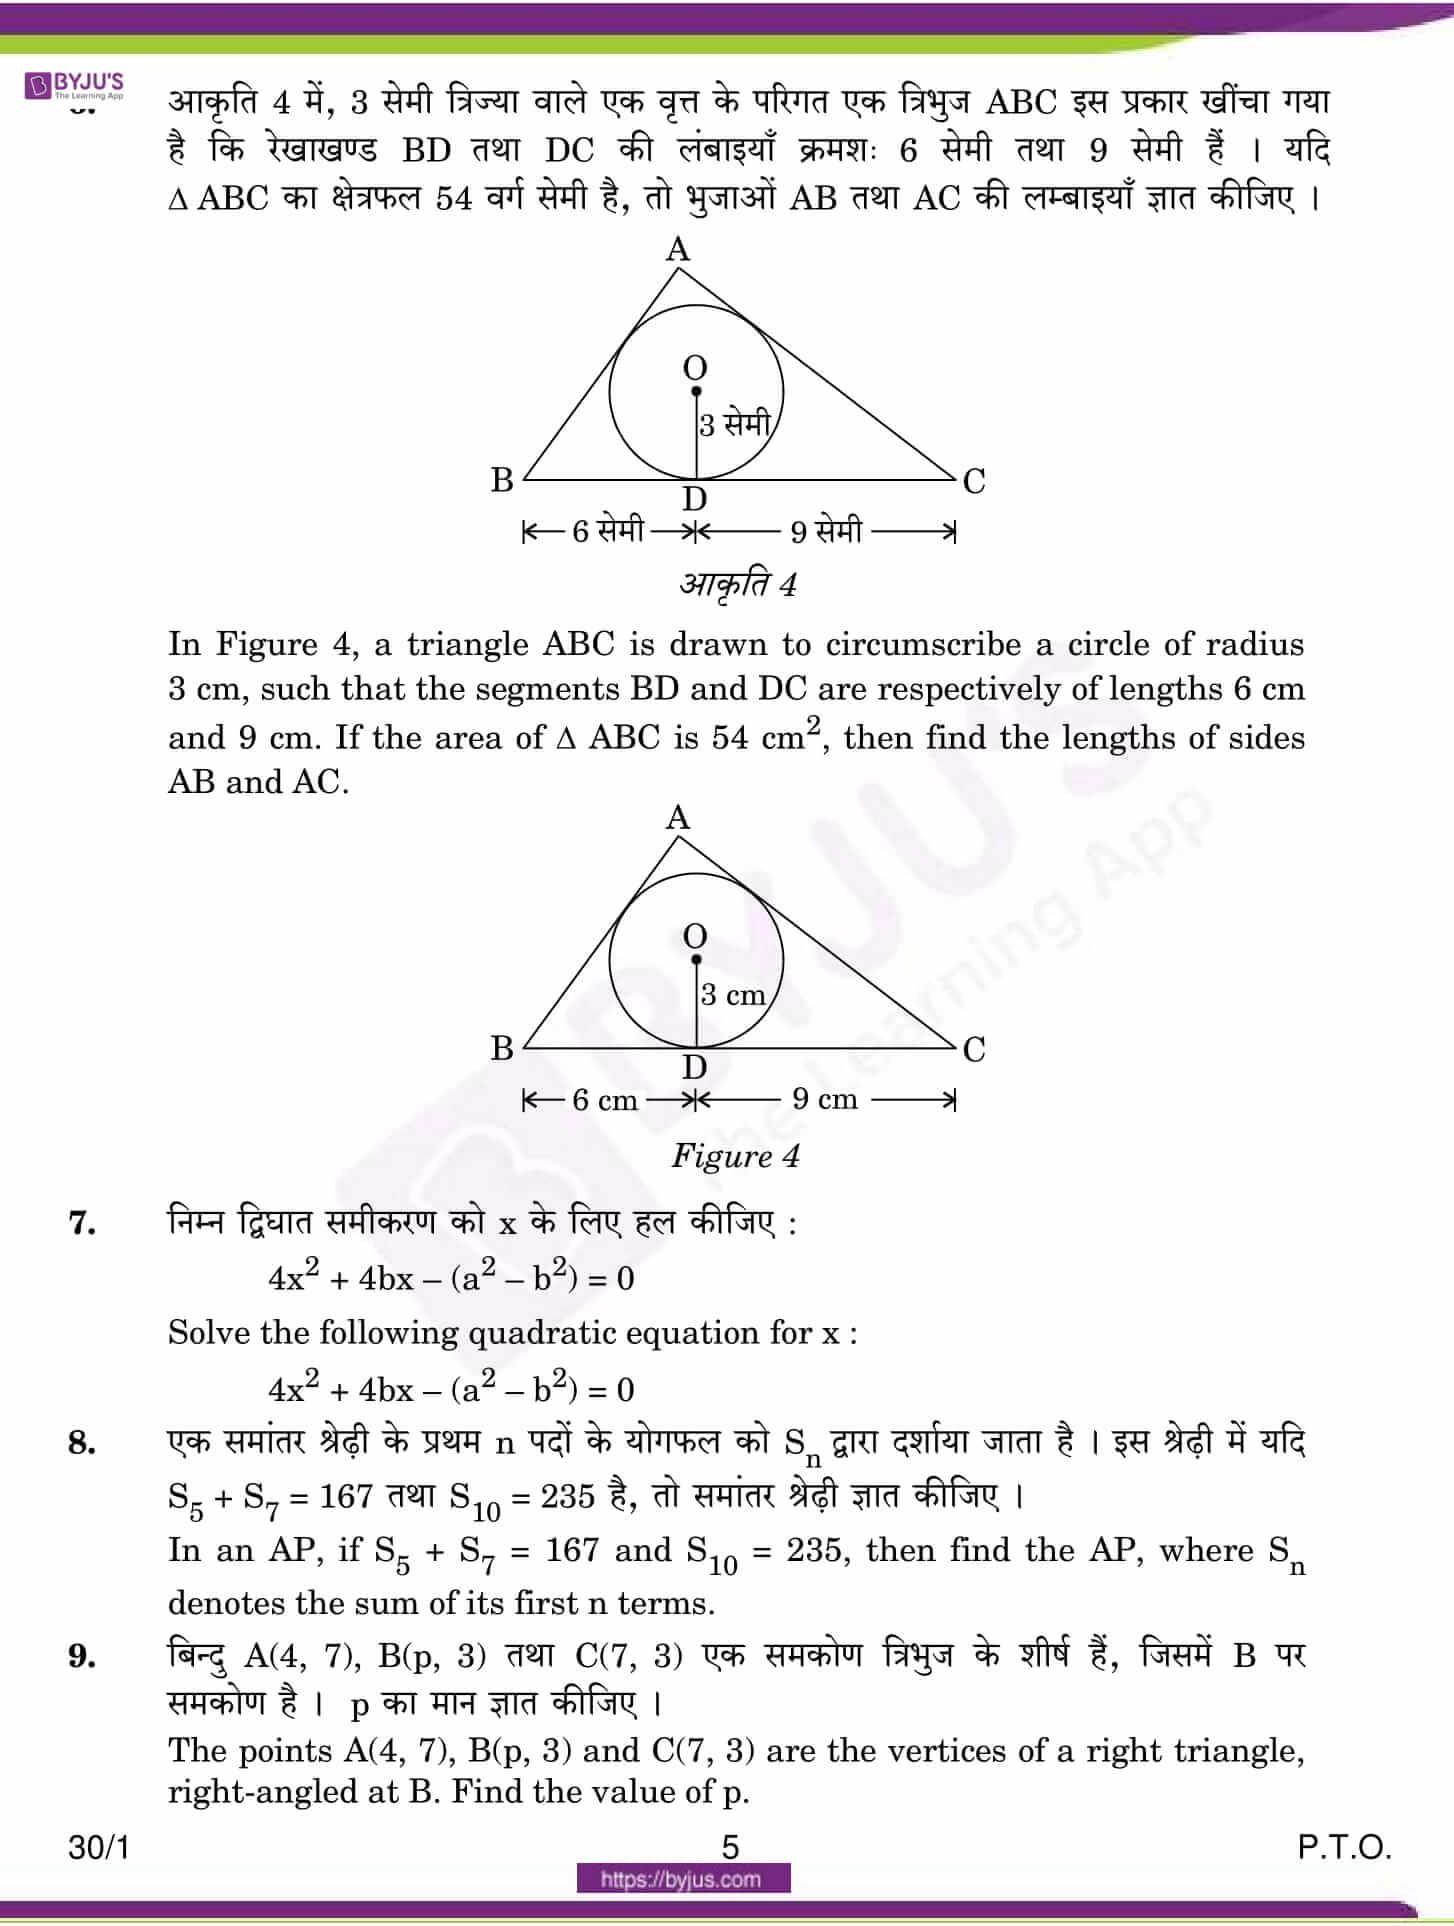 CBSE Class 10 Maths Qs Paper 2015 Set 1 05